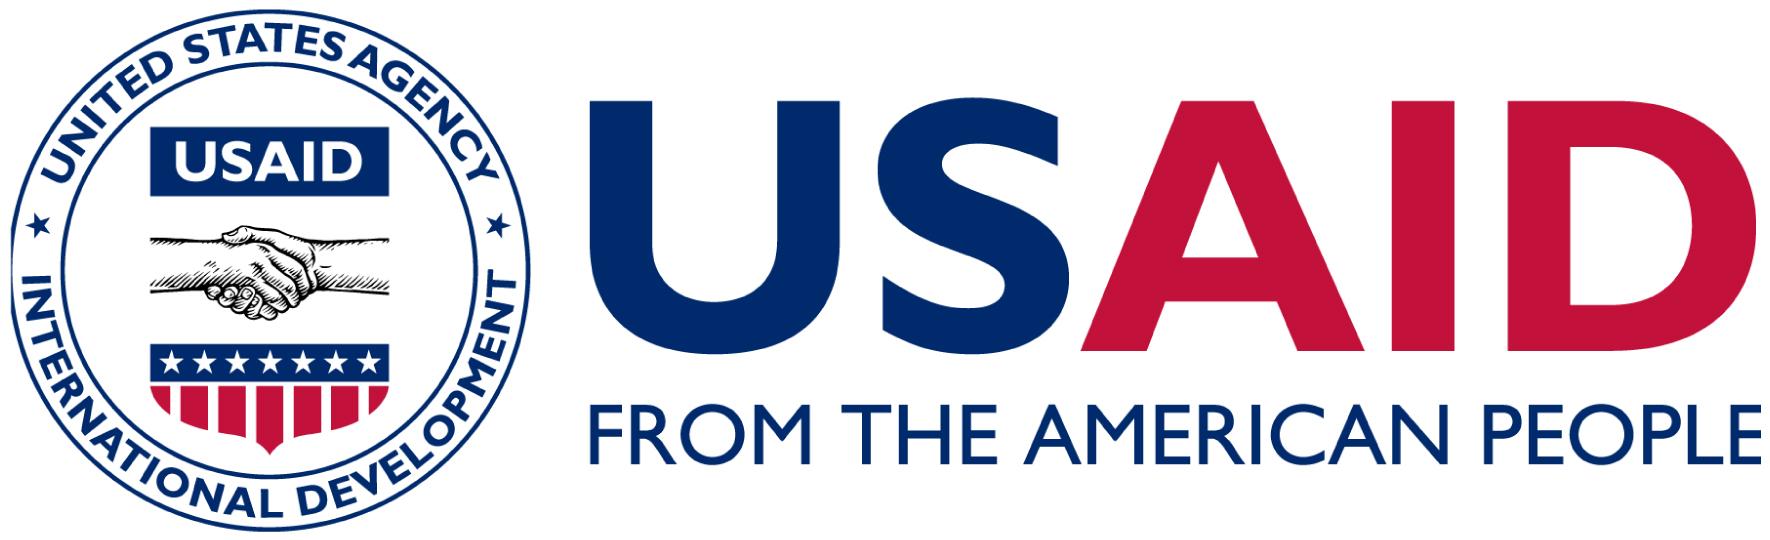 Администрация Обамы  и USAID начали подготовку гомосексуальных активистов по всему миру